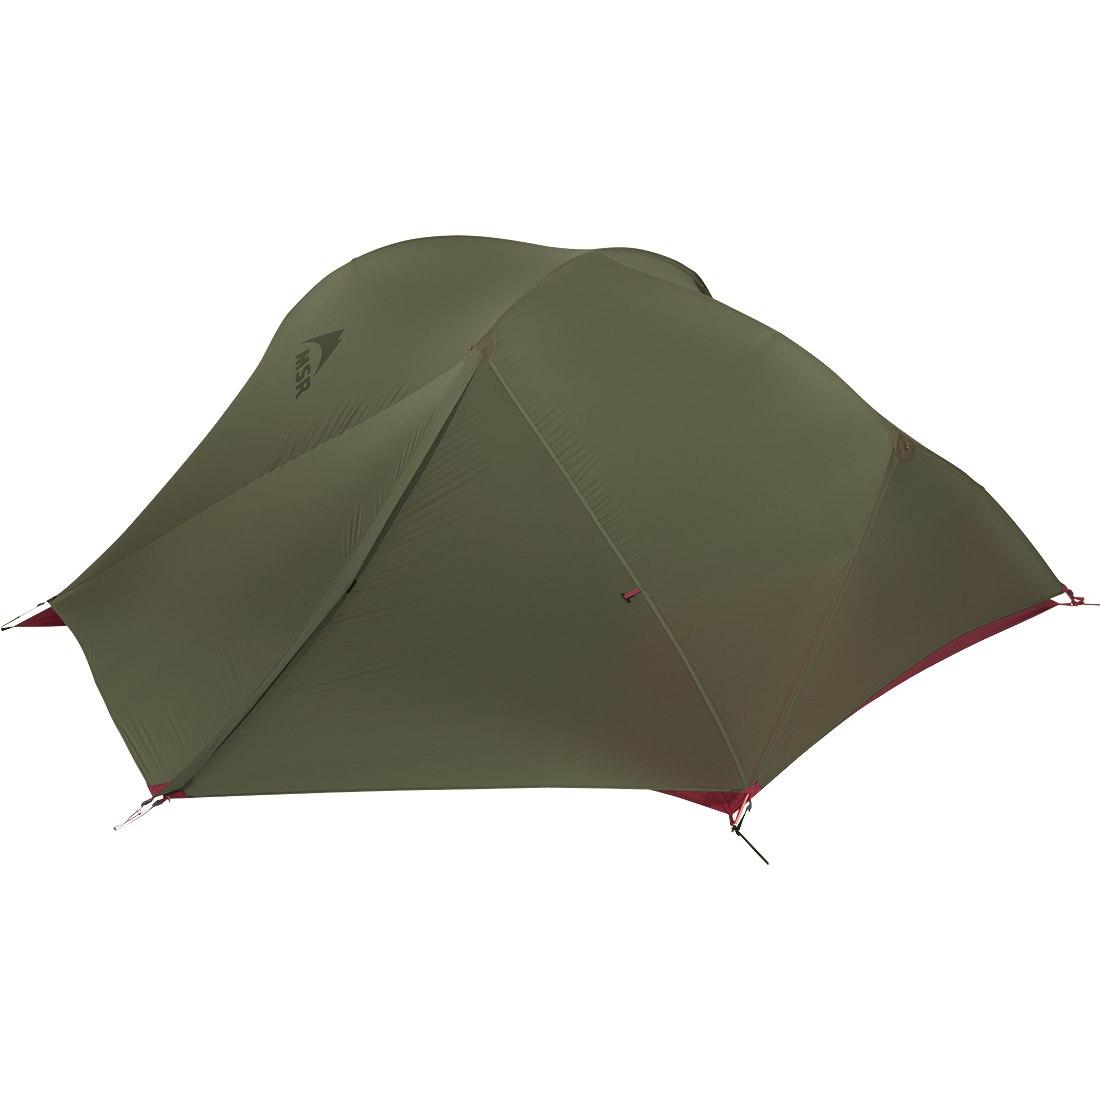 Палатка MSR Freelite 3 зеленая 3/местная